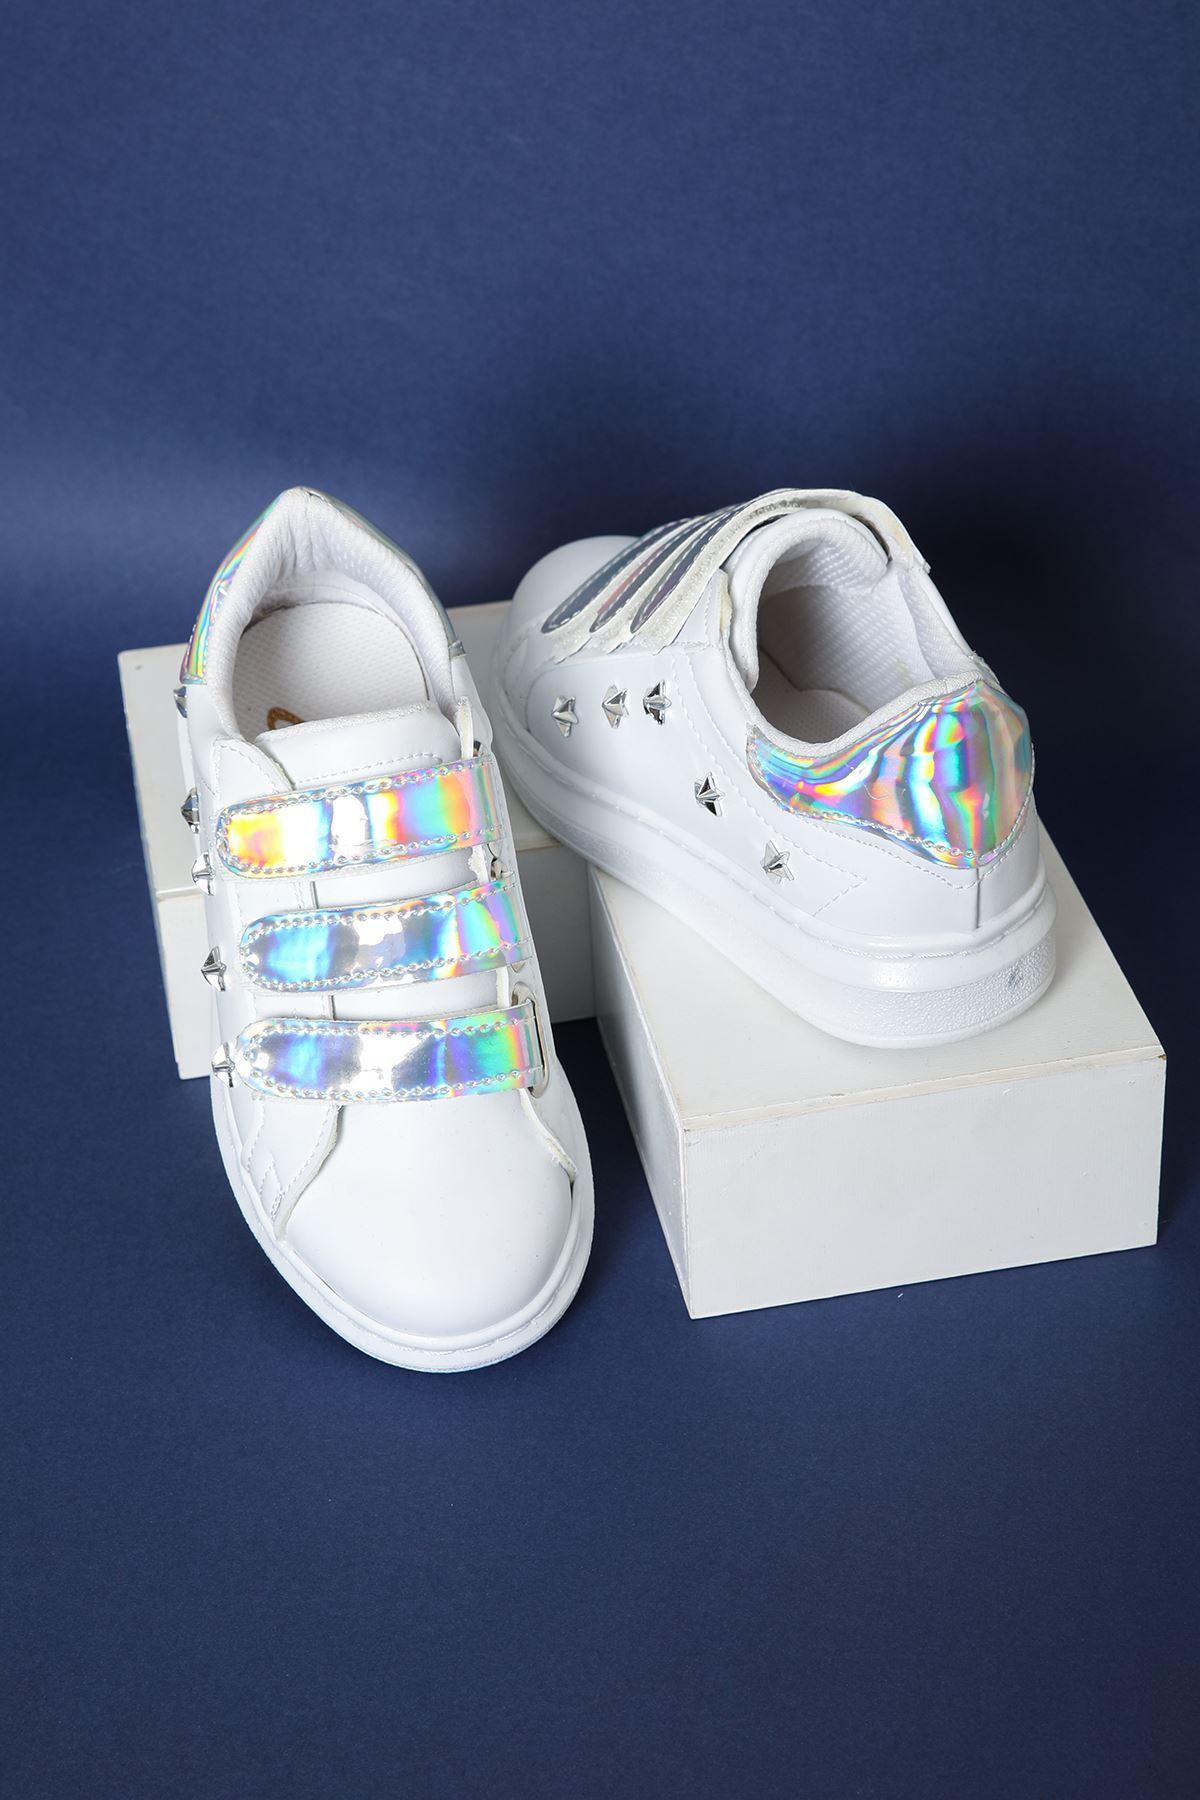 Gümüş Rengi Cırtlı Beyaz Çocuk Spor Ayakkabı